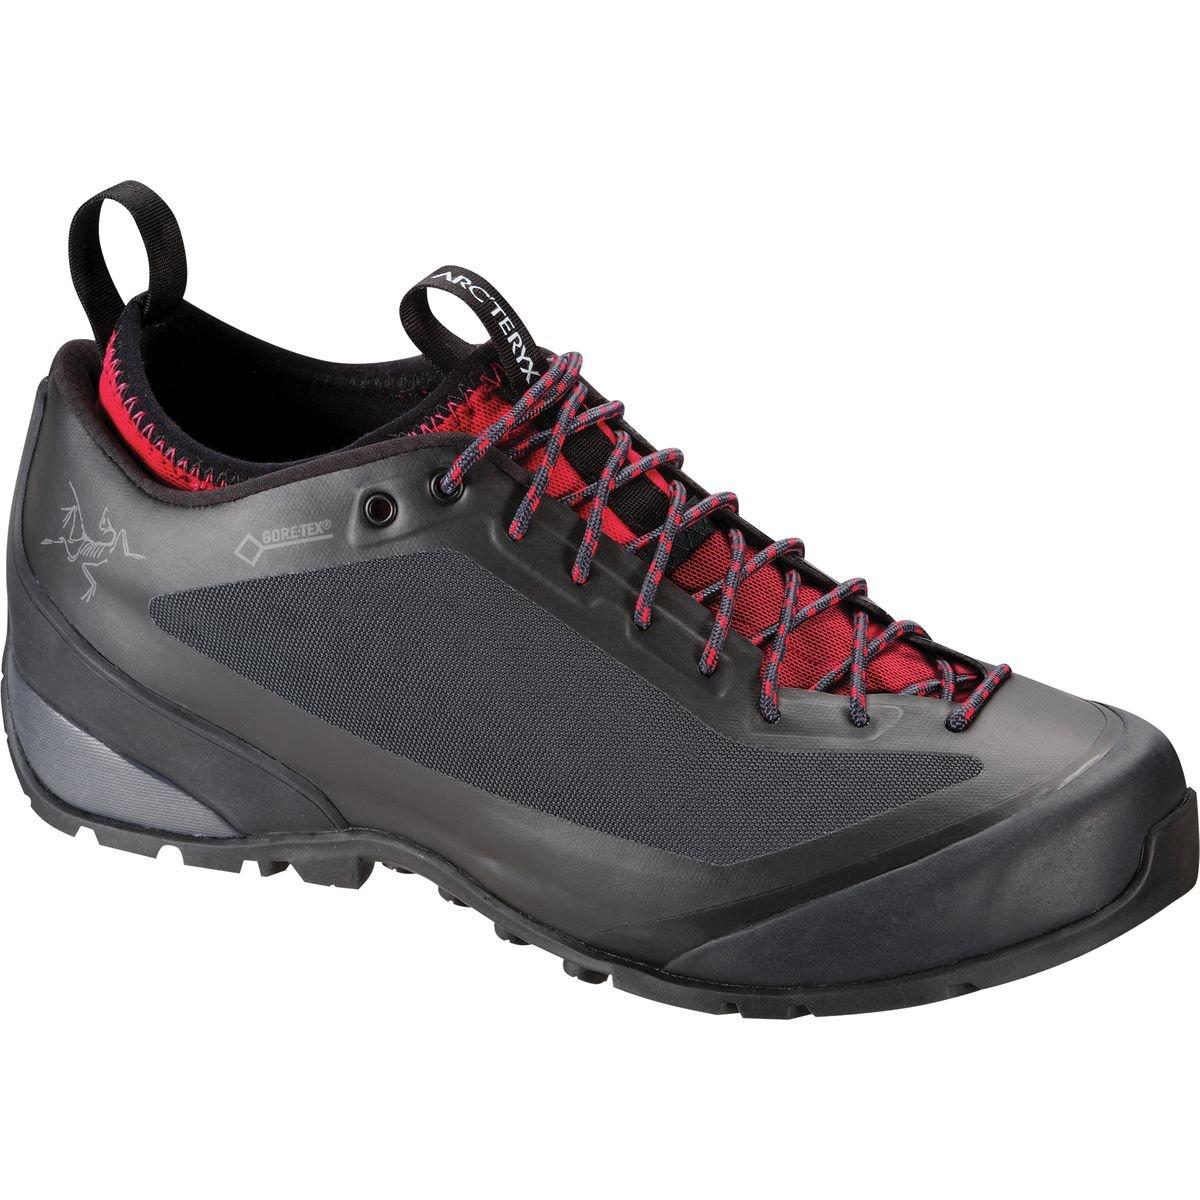 (アークテリクス) Arc'teryx Acrux FL GTX Approach Shoe - Women'sメンズ バックパック リュック Graphite/Orchid [並行輸入品] B077N737Q3  US 9.0/UK 7.5